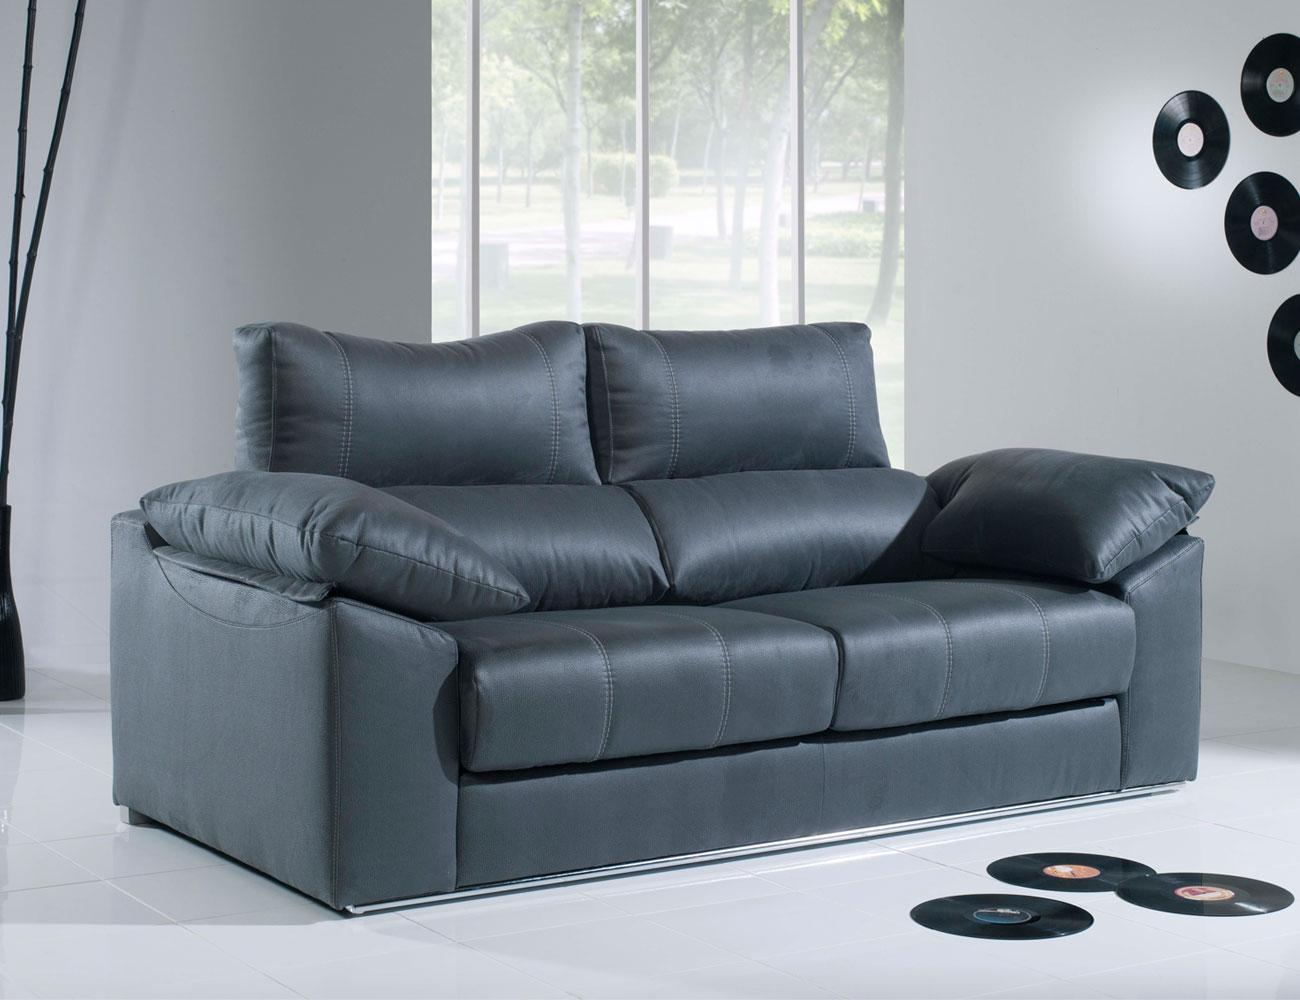 Sofa 3 plazas moderno con barra19